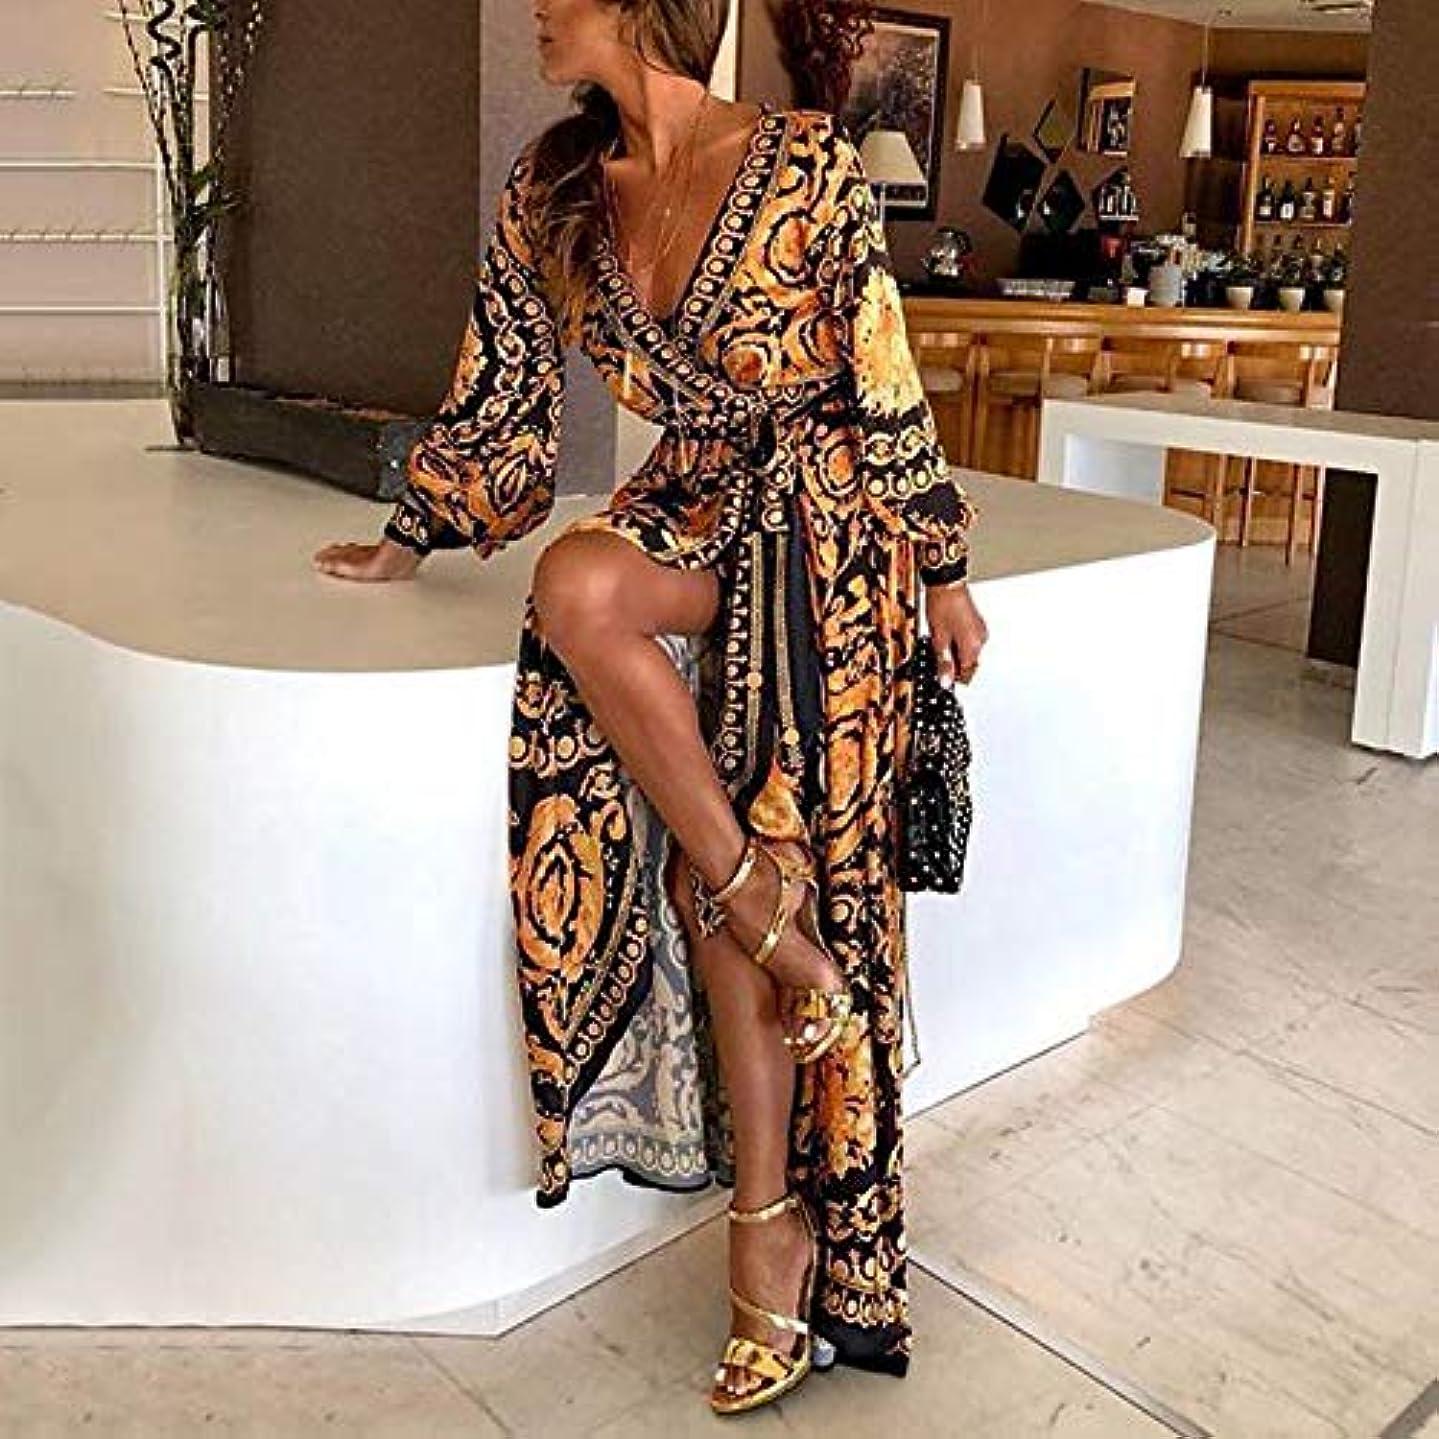 私合わせて虚弱Onderroa - ファッションエレガントな女性のセクシーなボートネックグリッターディープVネックドレスパーティーフォーマルロングドレスを印刷